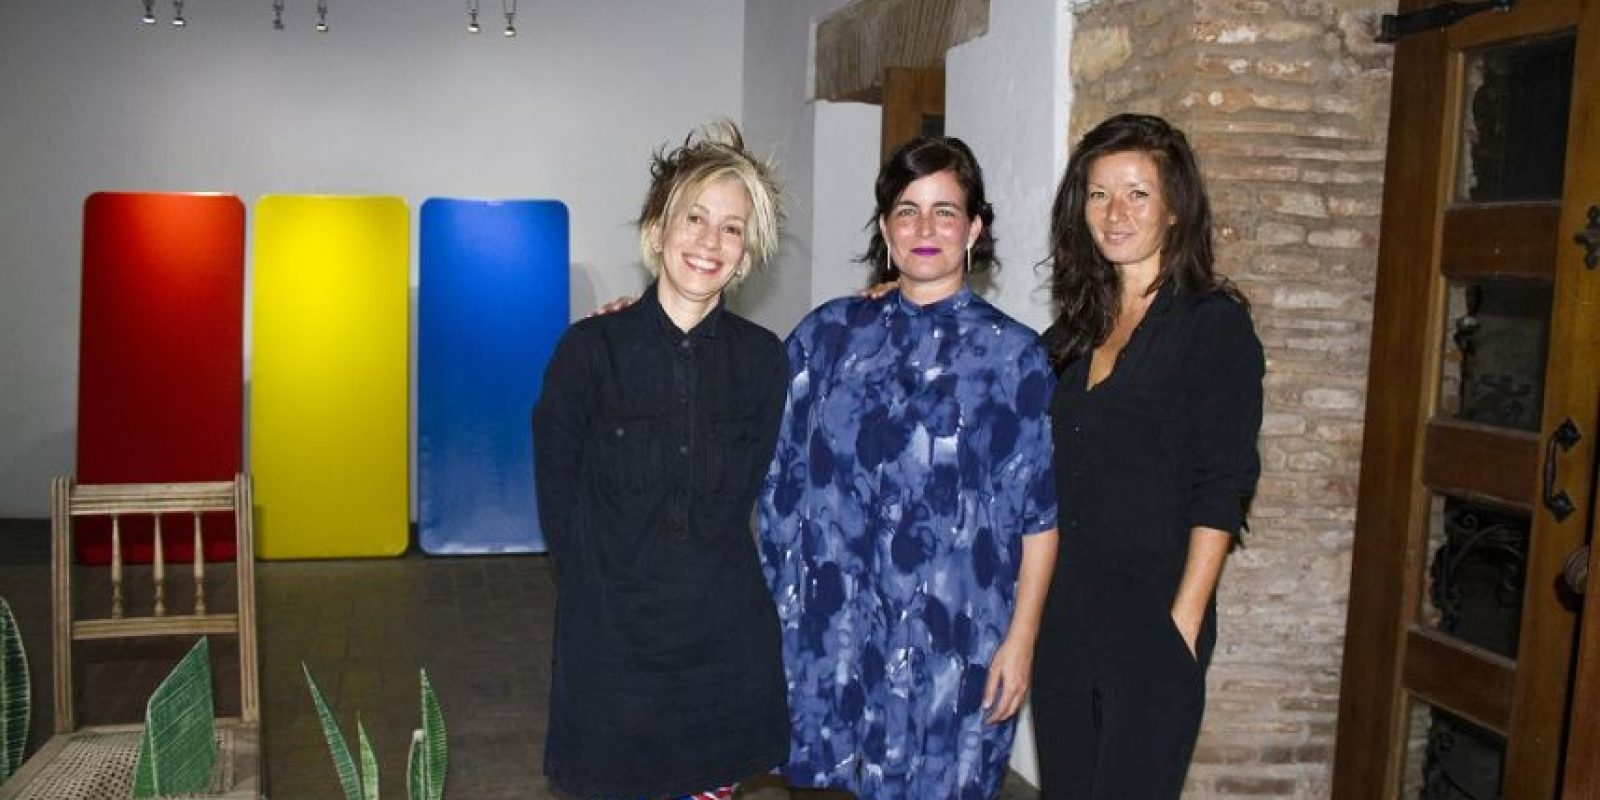 Lucy García, Quisqueya Henríquez y Hannah Parr. Foto: Fuente externa